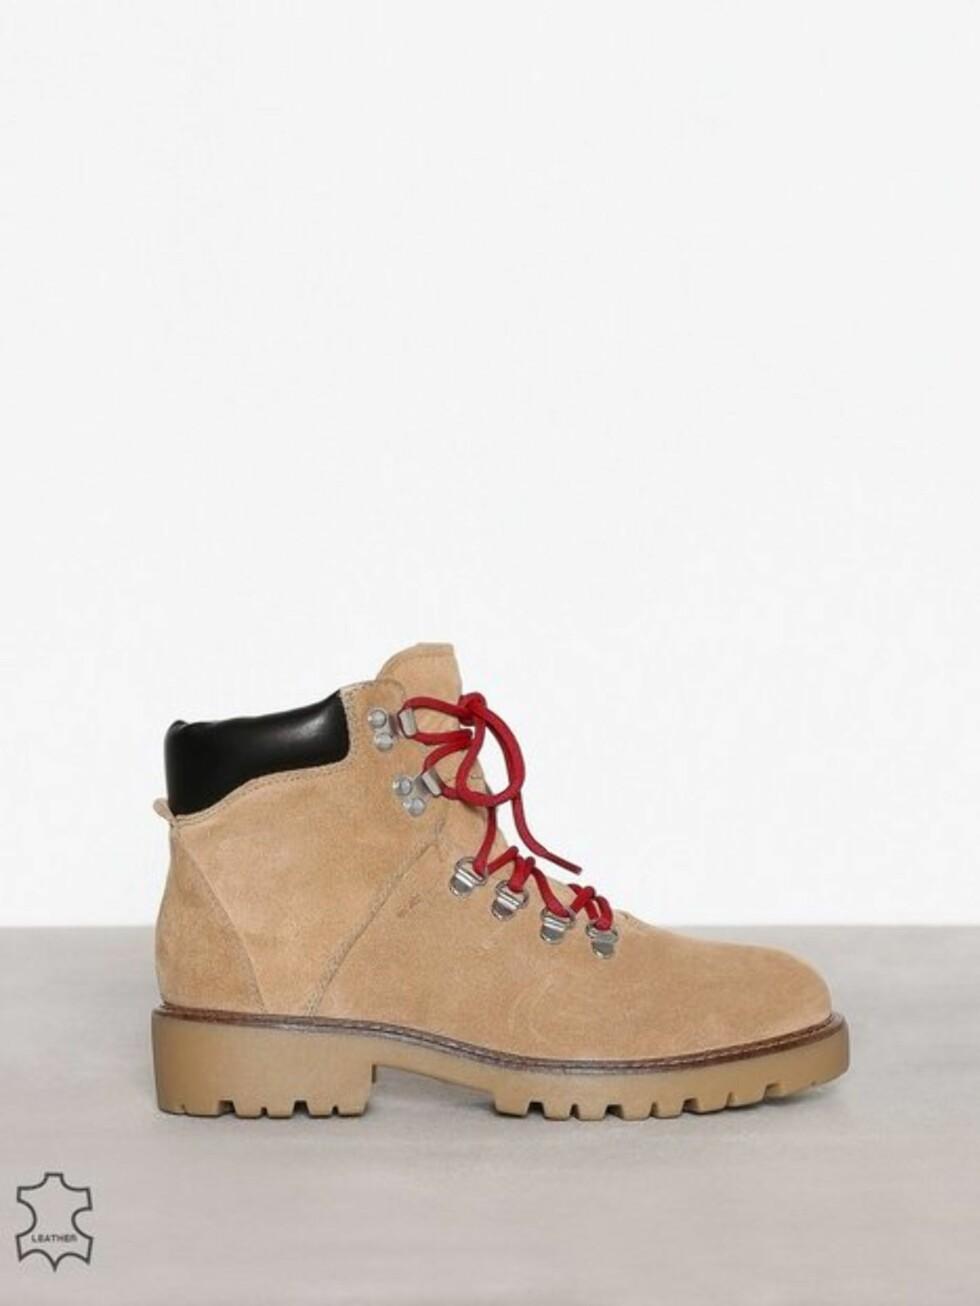 Sko fra Vagabond via Nelly.com |1399,-| https://nelly.com/no/kl%C3%A6r-til-kvinner/sko/boots-booties/vagabond-978/kenova-978417-0090/